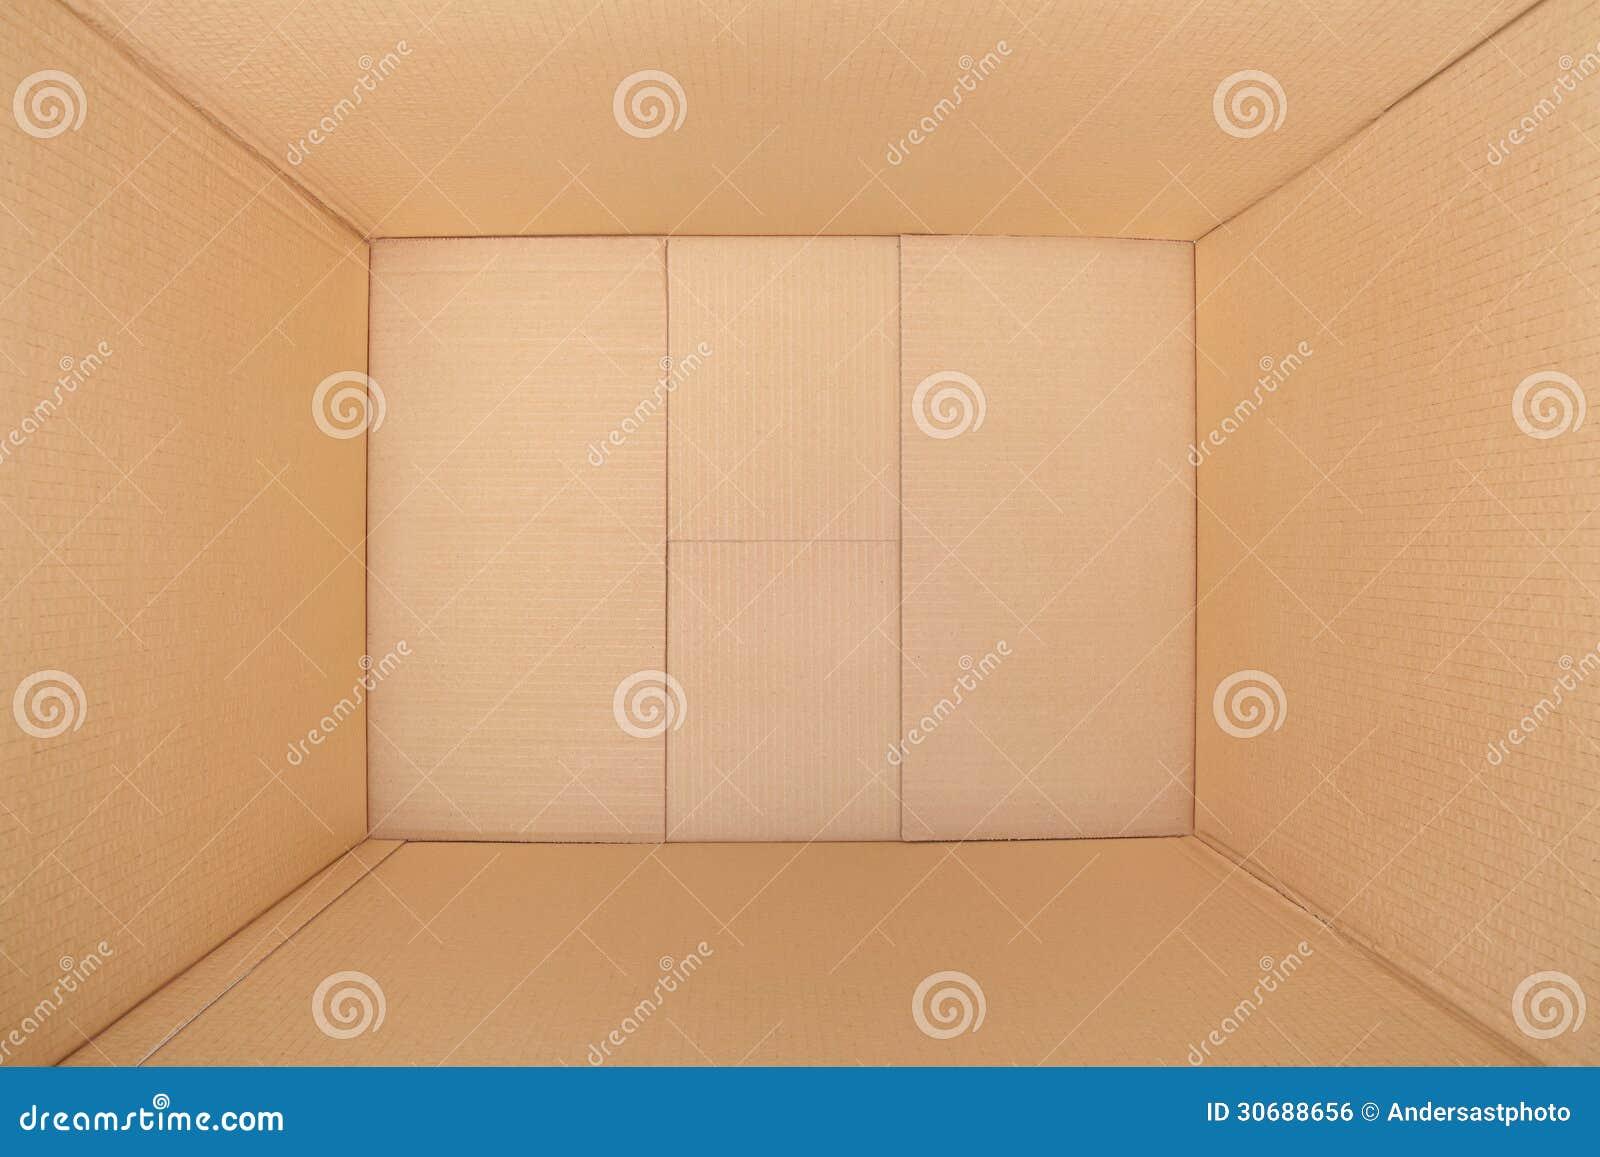 Kartondoos, binnenmening